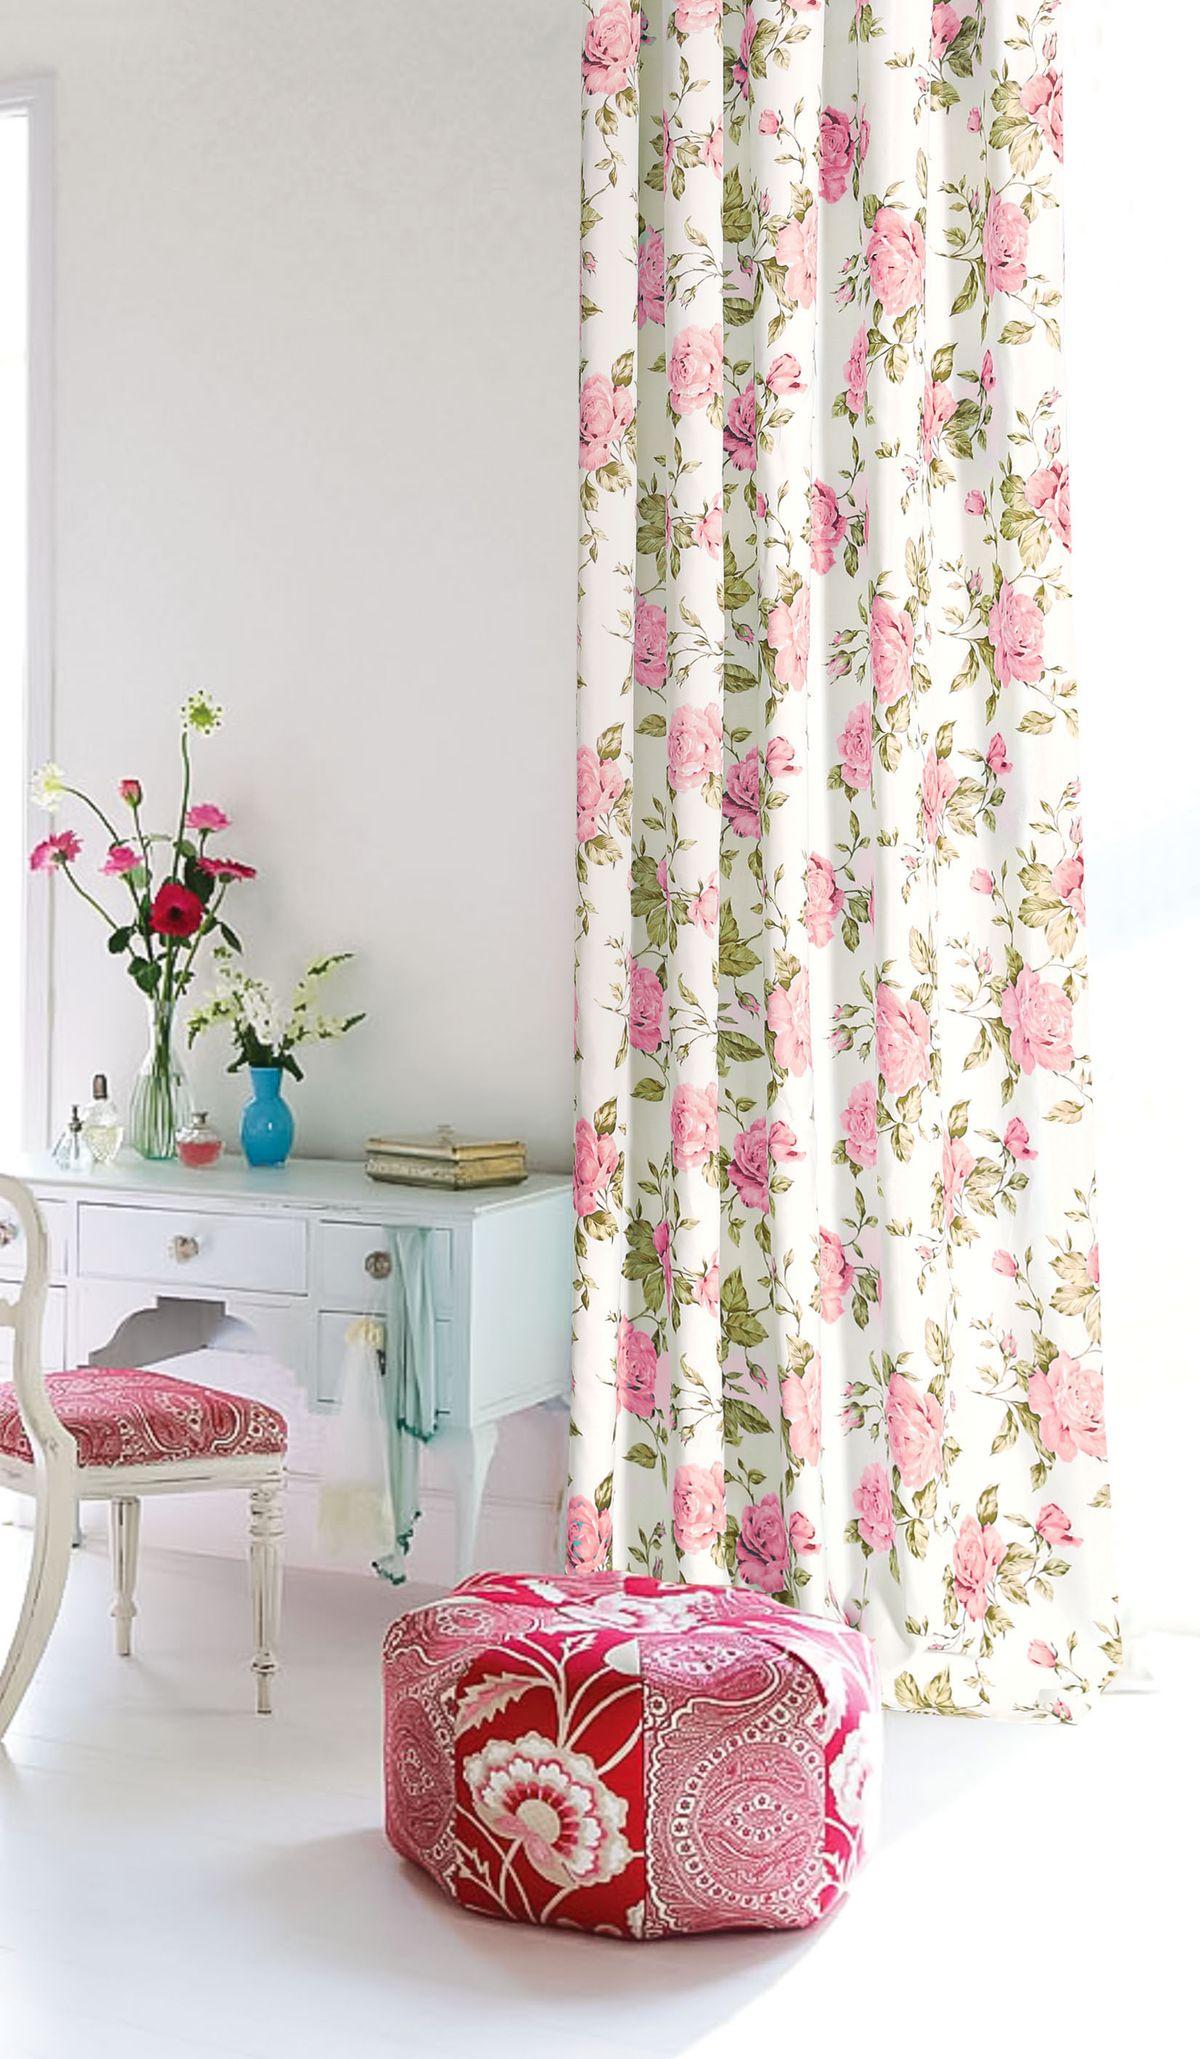 Штора готовая Garden, на ленте, цвет: розовый, высота 260 см. С 9184 - W1687 V21С 9184 - W1687 V21Изящная штора для гостиной Garden выполнена из плотной ткани. Приятная текстура и цвет привлекут к себе внимание и органично впишутся в интерьер помещения. Штора крепится на карниз при помощи ленты, которая поможет красиво и равномерно задрапировать верх.